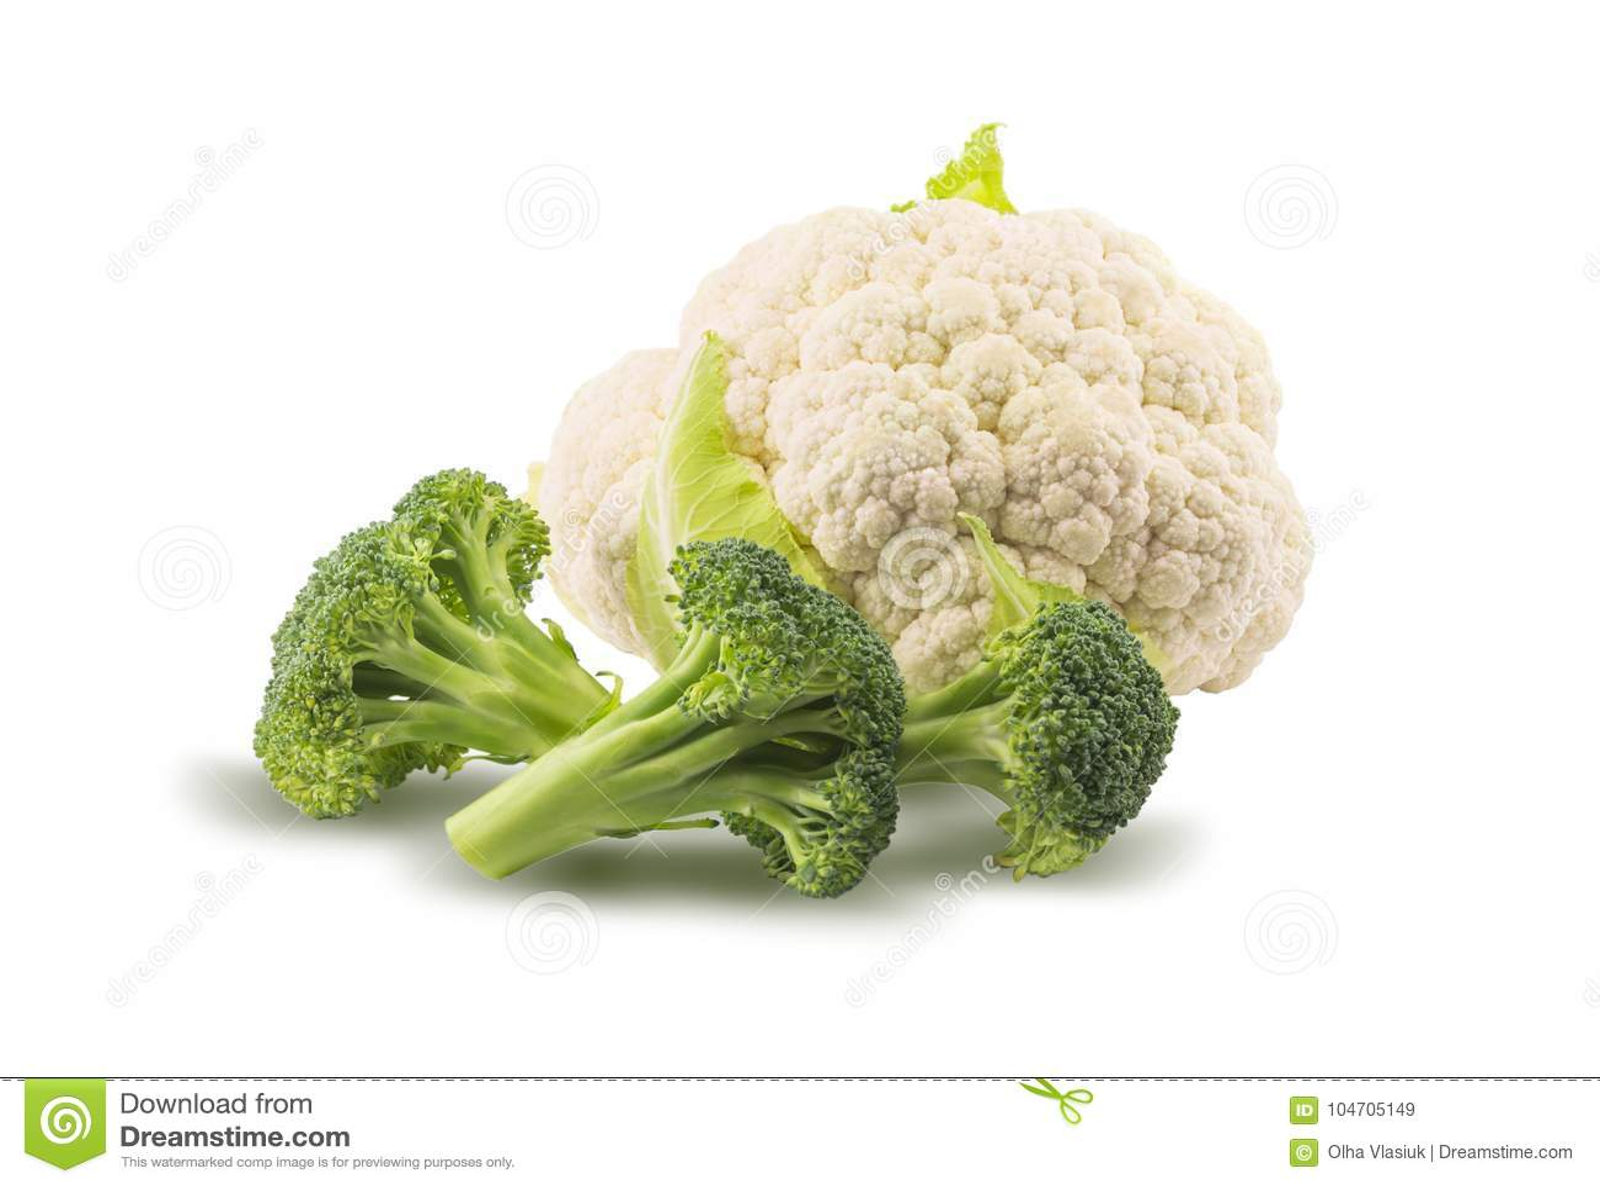 Brokuły i kalafior odizolowywający na białym tle